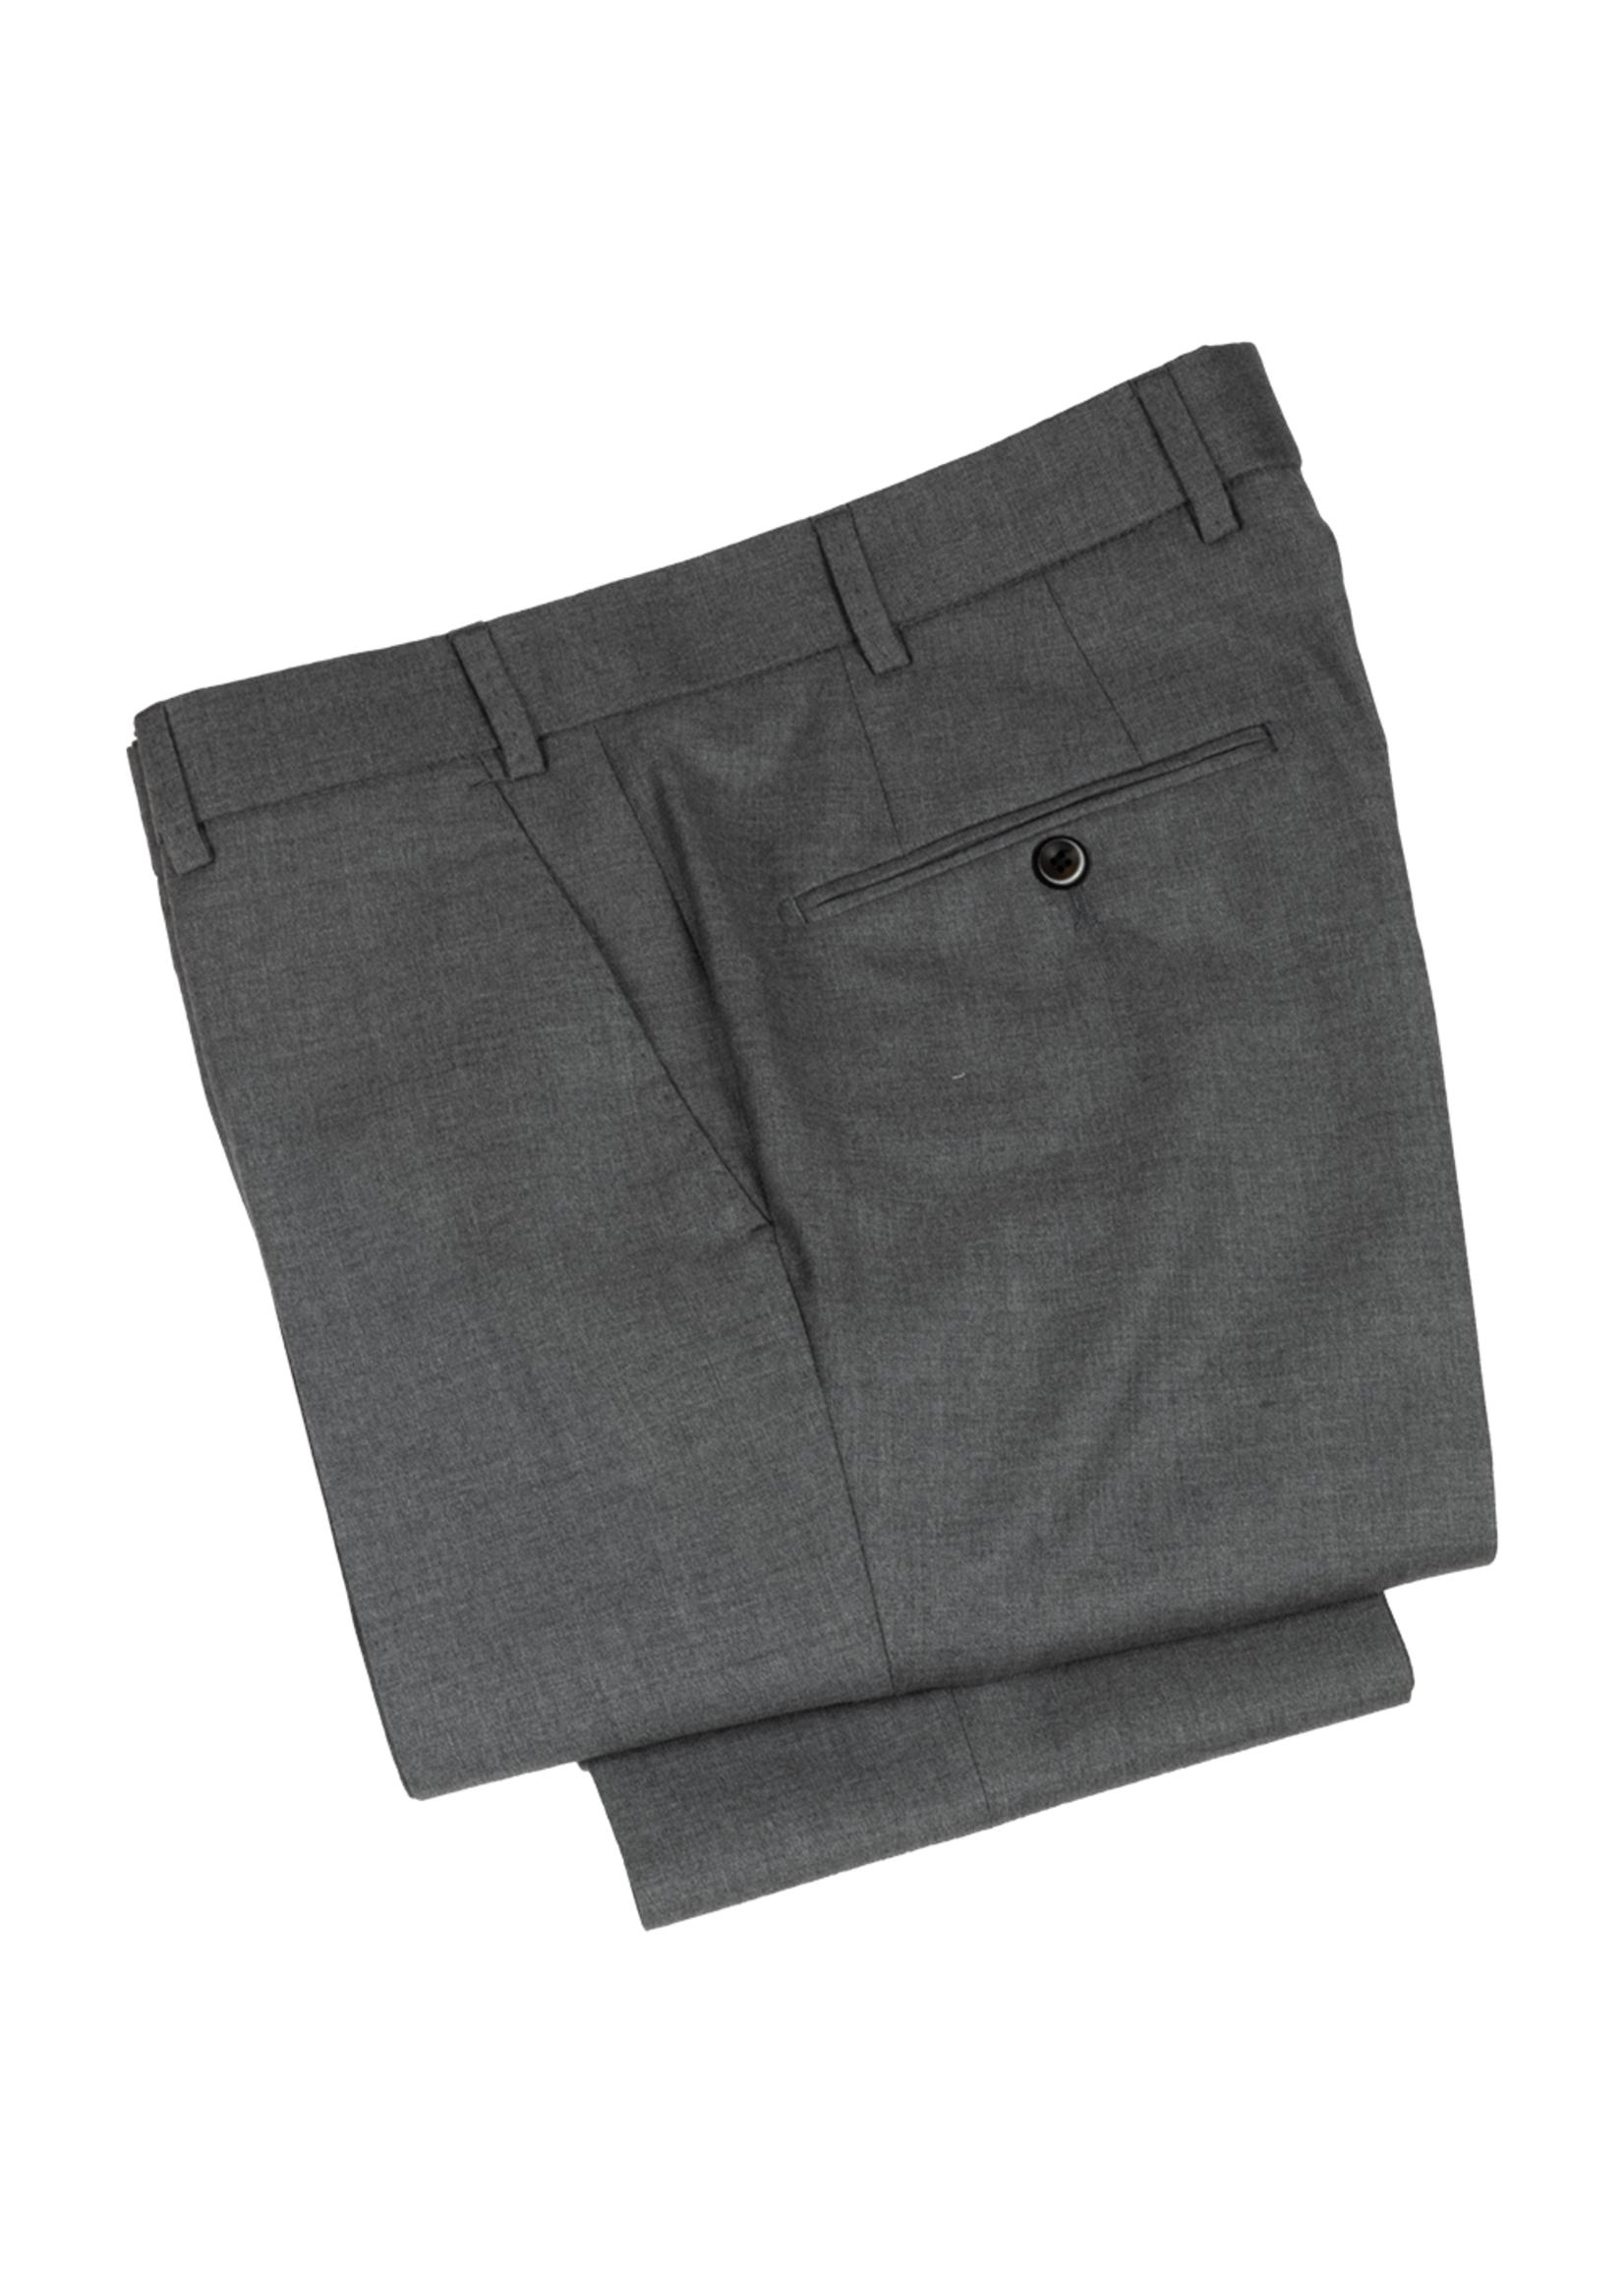 Hiltl Hiltl DiBiella 110's Serge Wool Light Grey Trouser